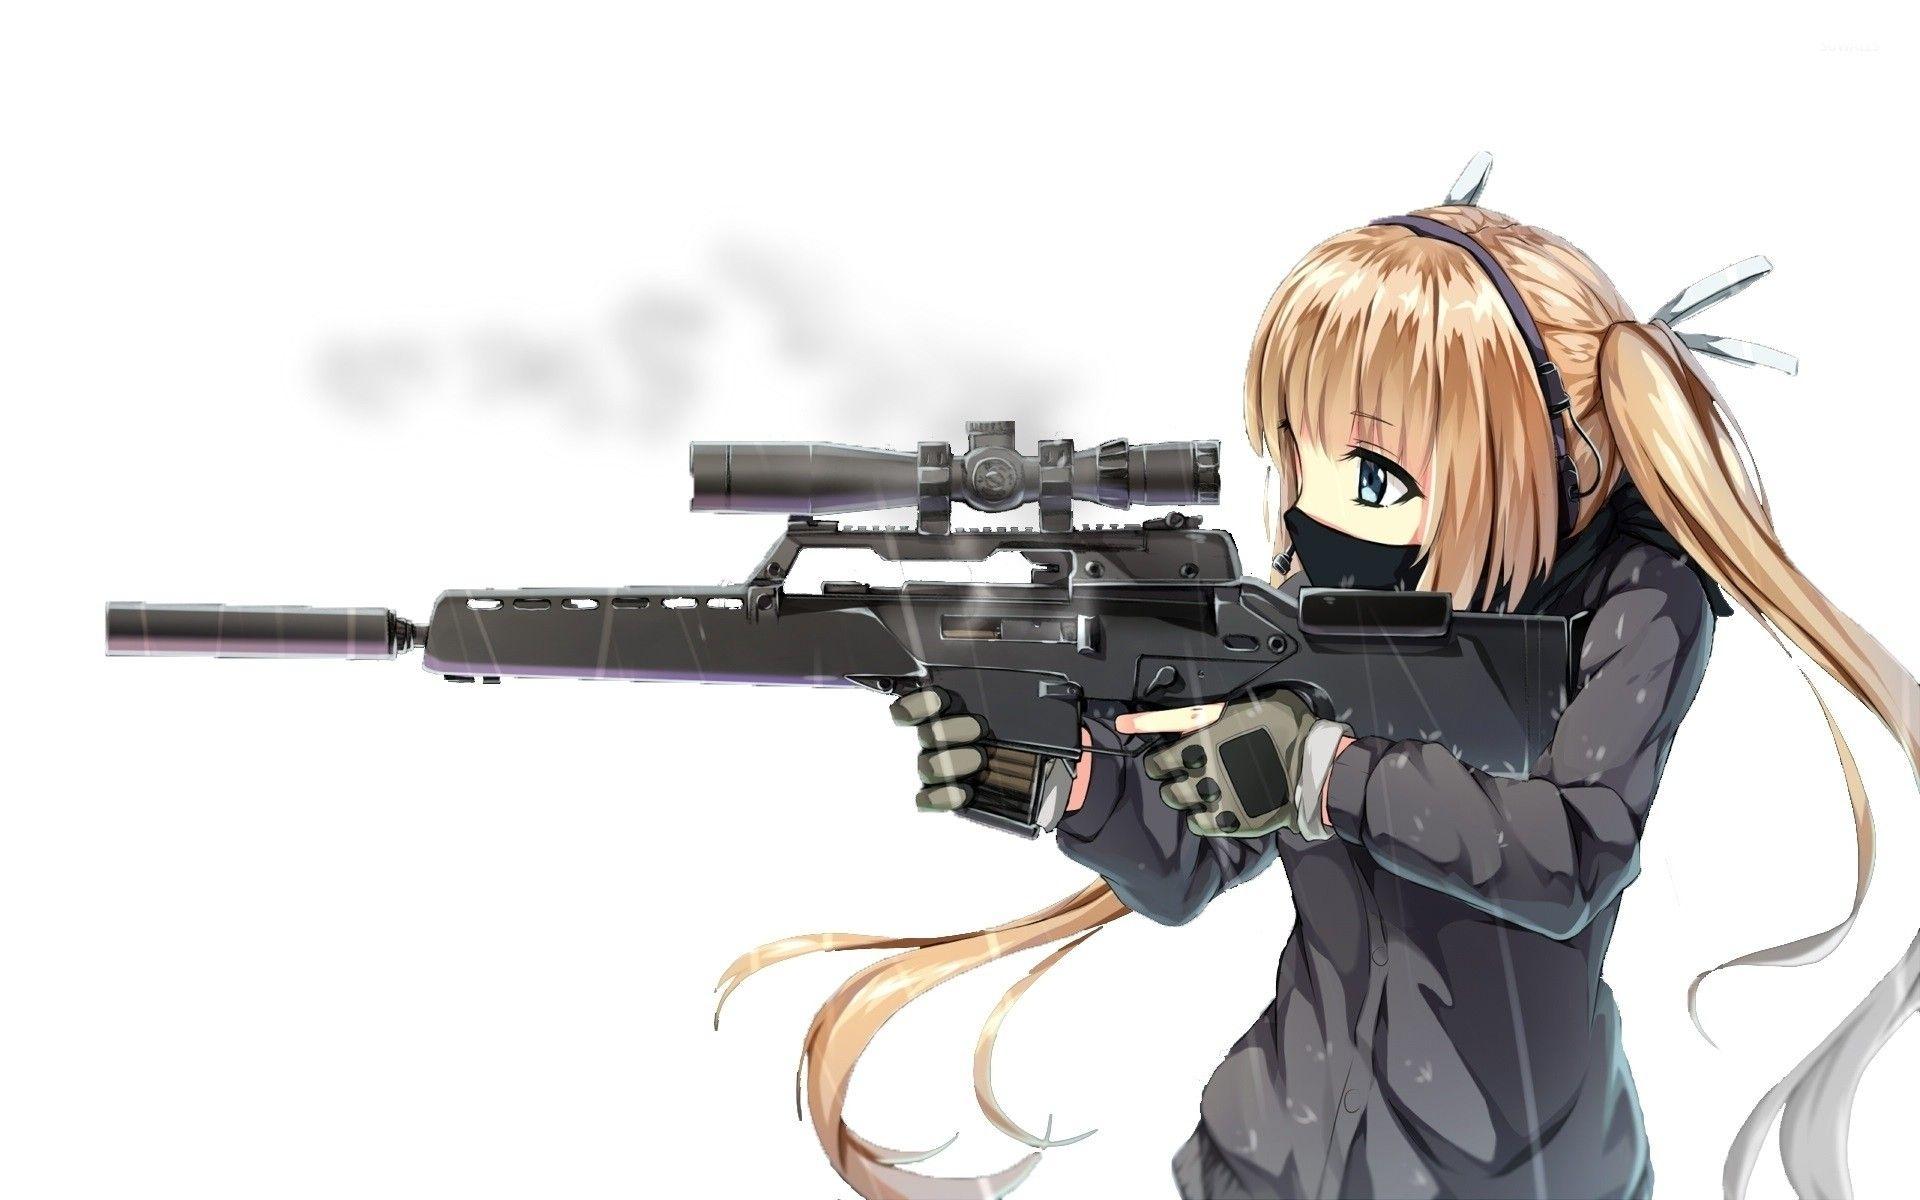 Anime Wallpapers Hd Anime Wallpapers Anime Sniper Girl